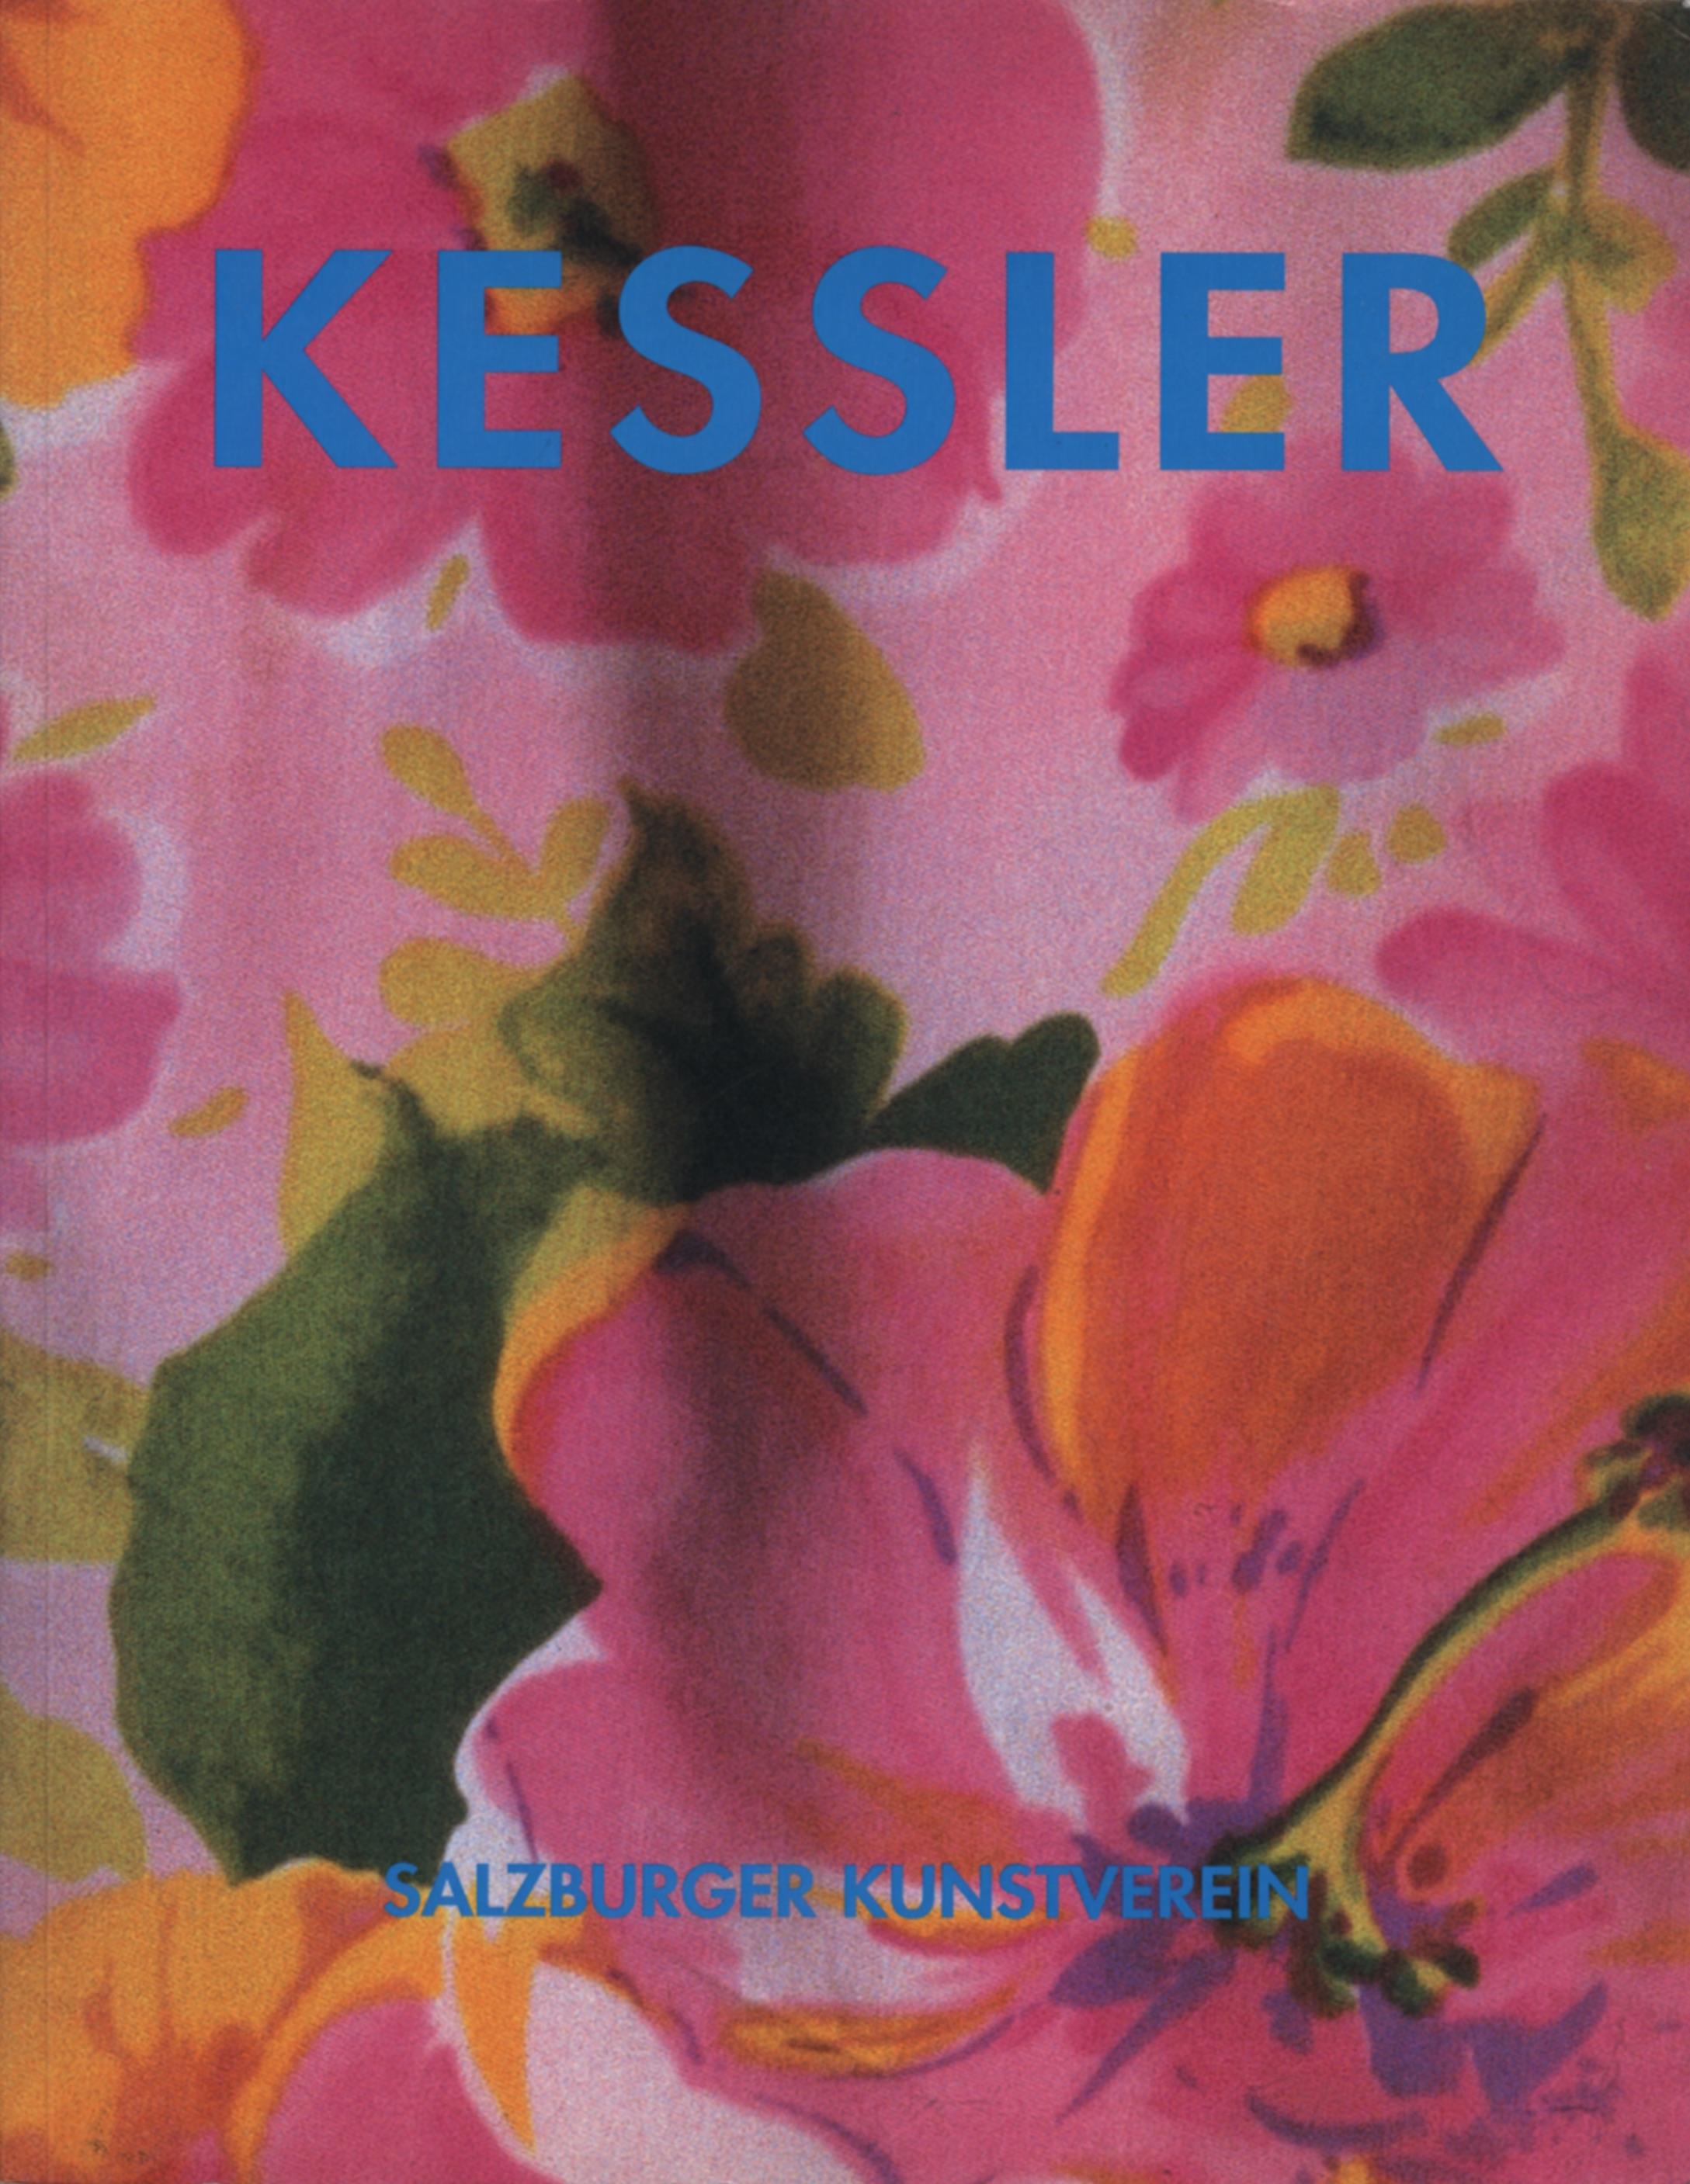 KESSLER (Saltzburger).jpg